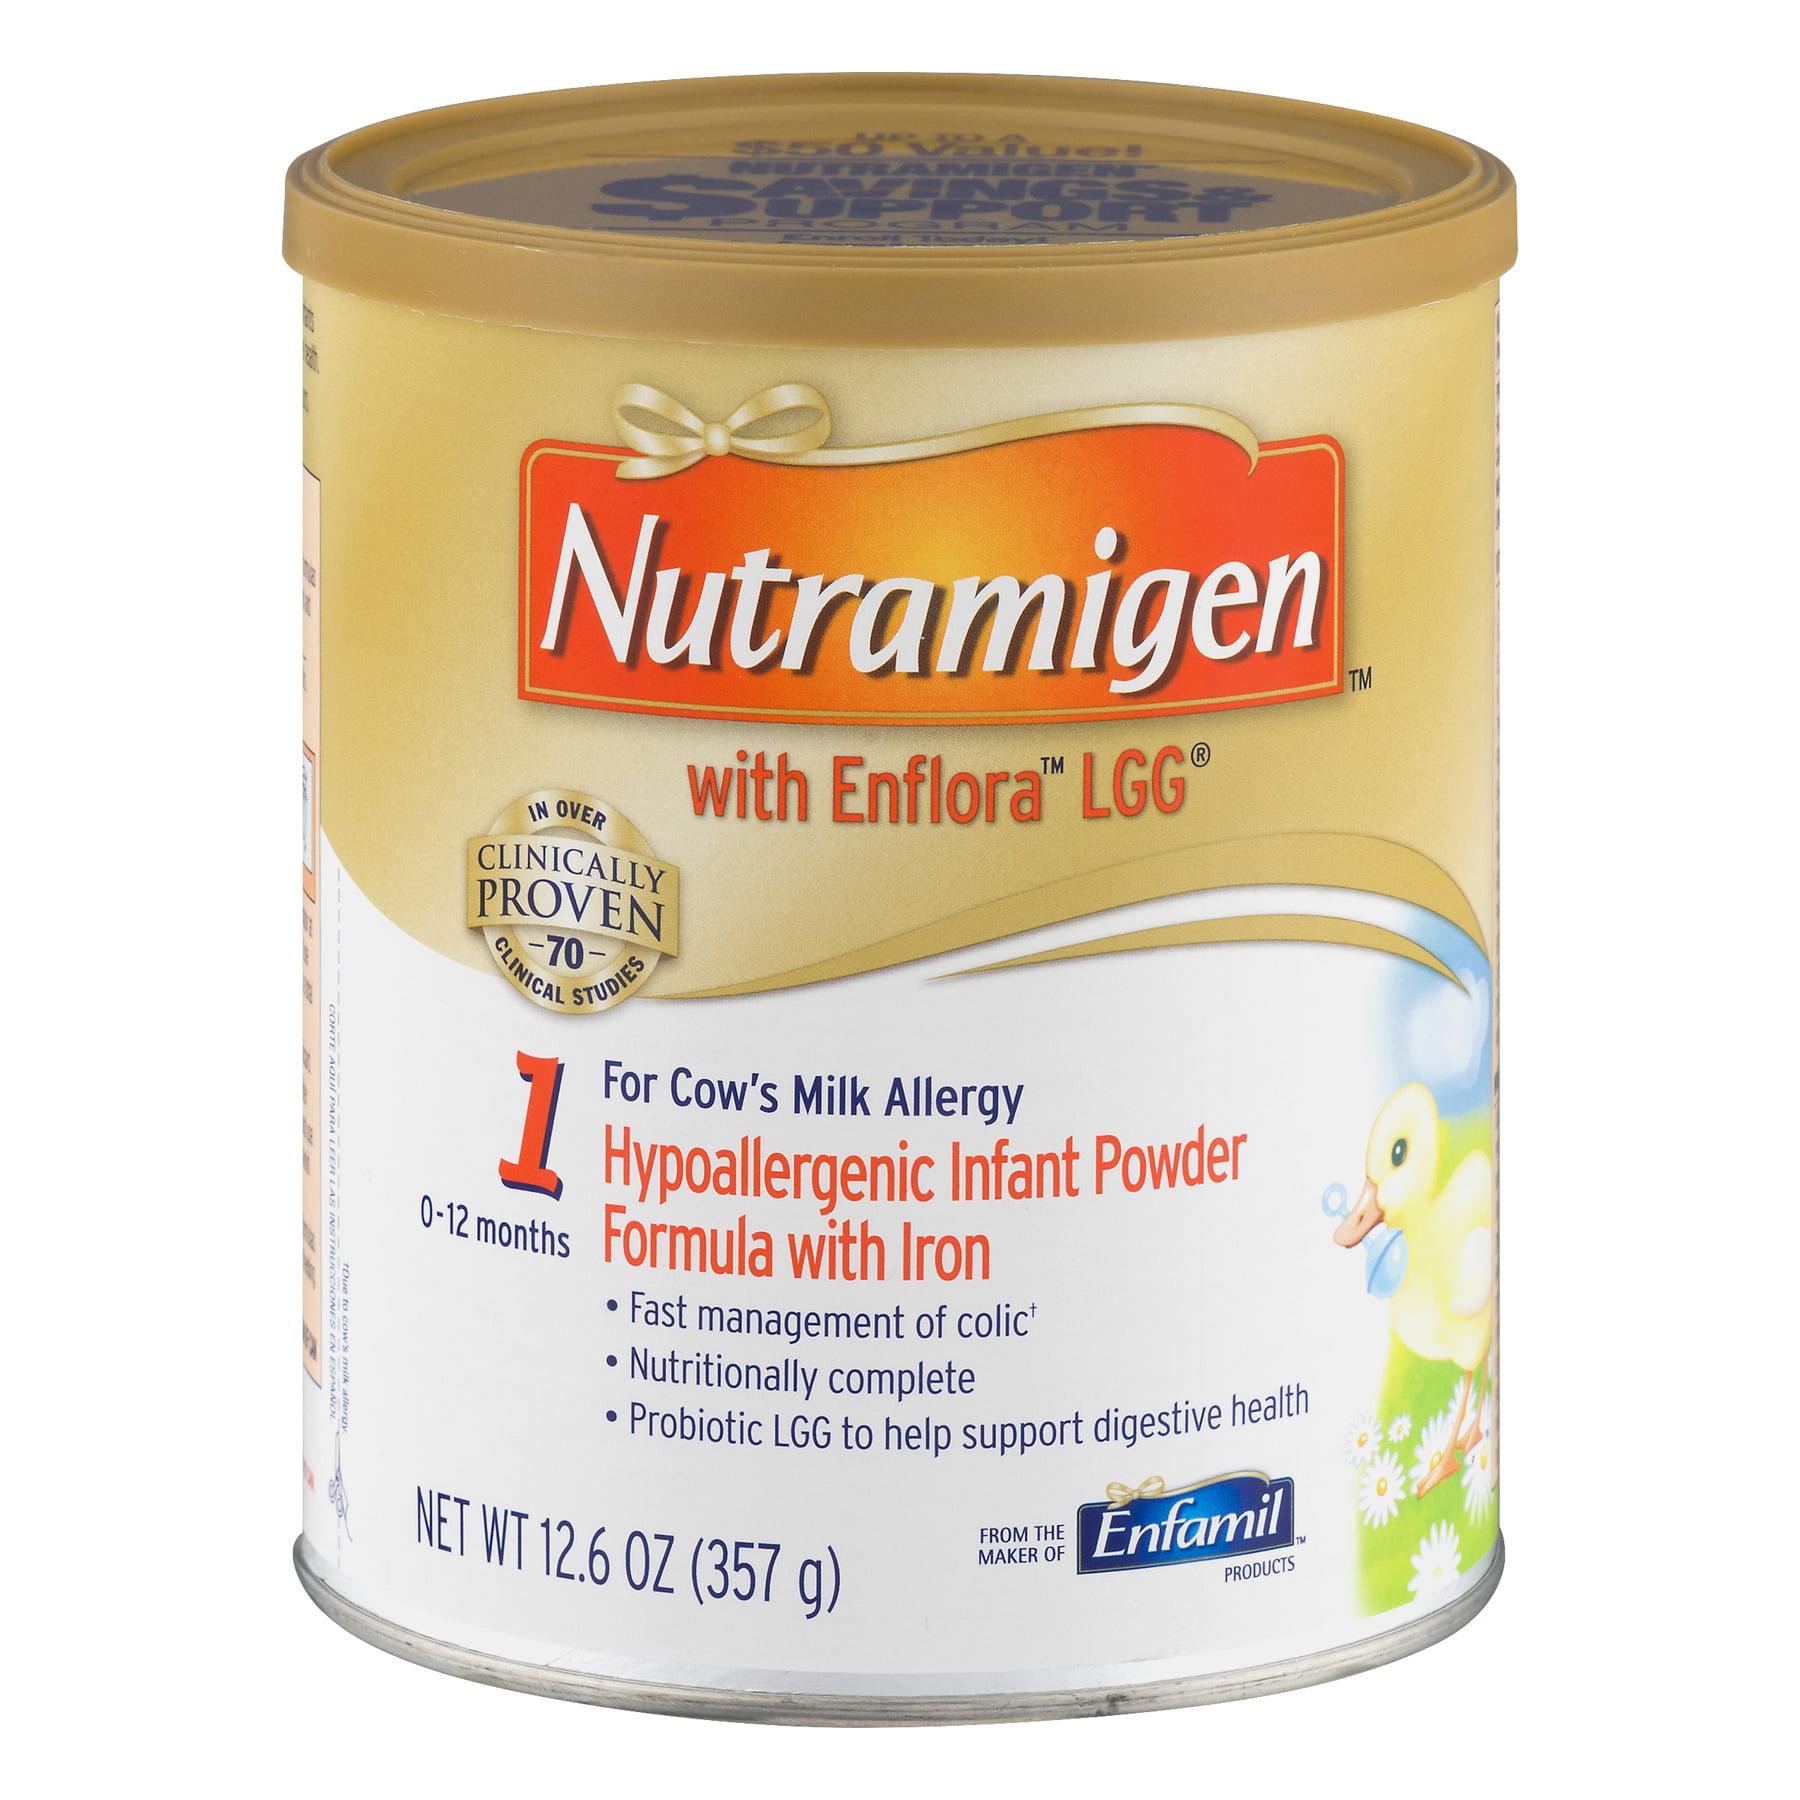 Nutramigen with Enflora LGG Hypoallergenic Infant Formula Powder 12.6 oz. Canister